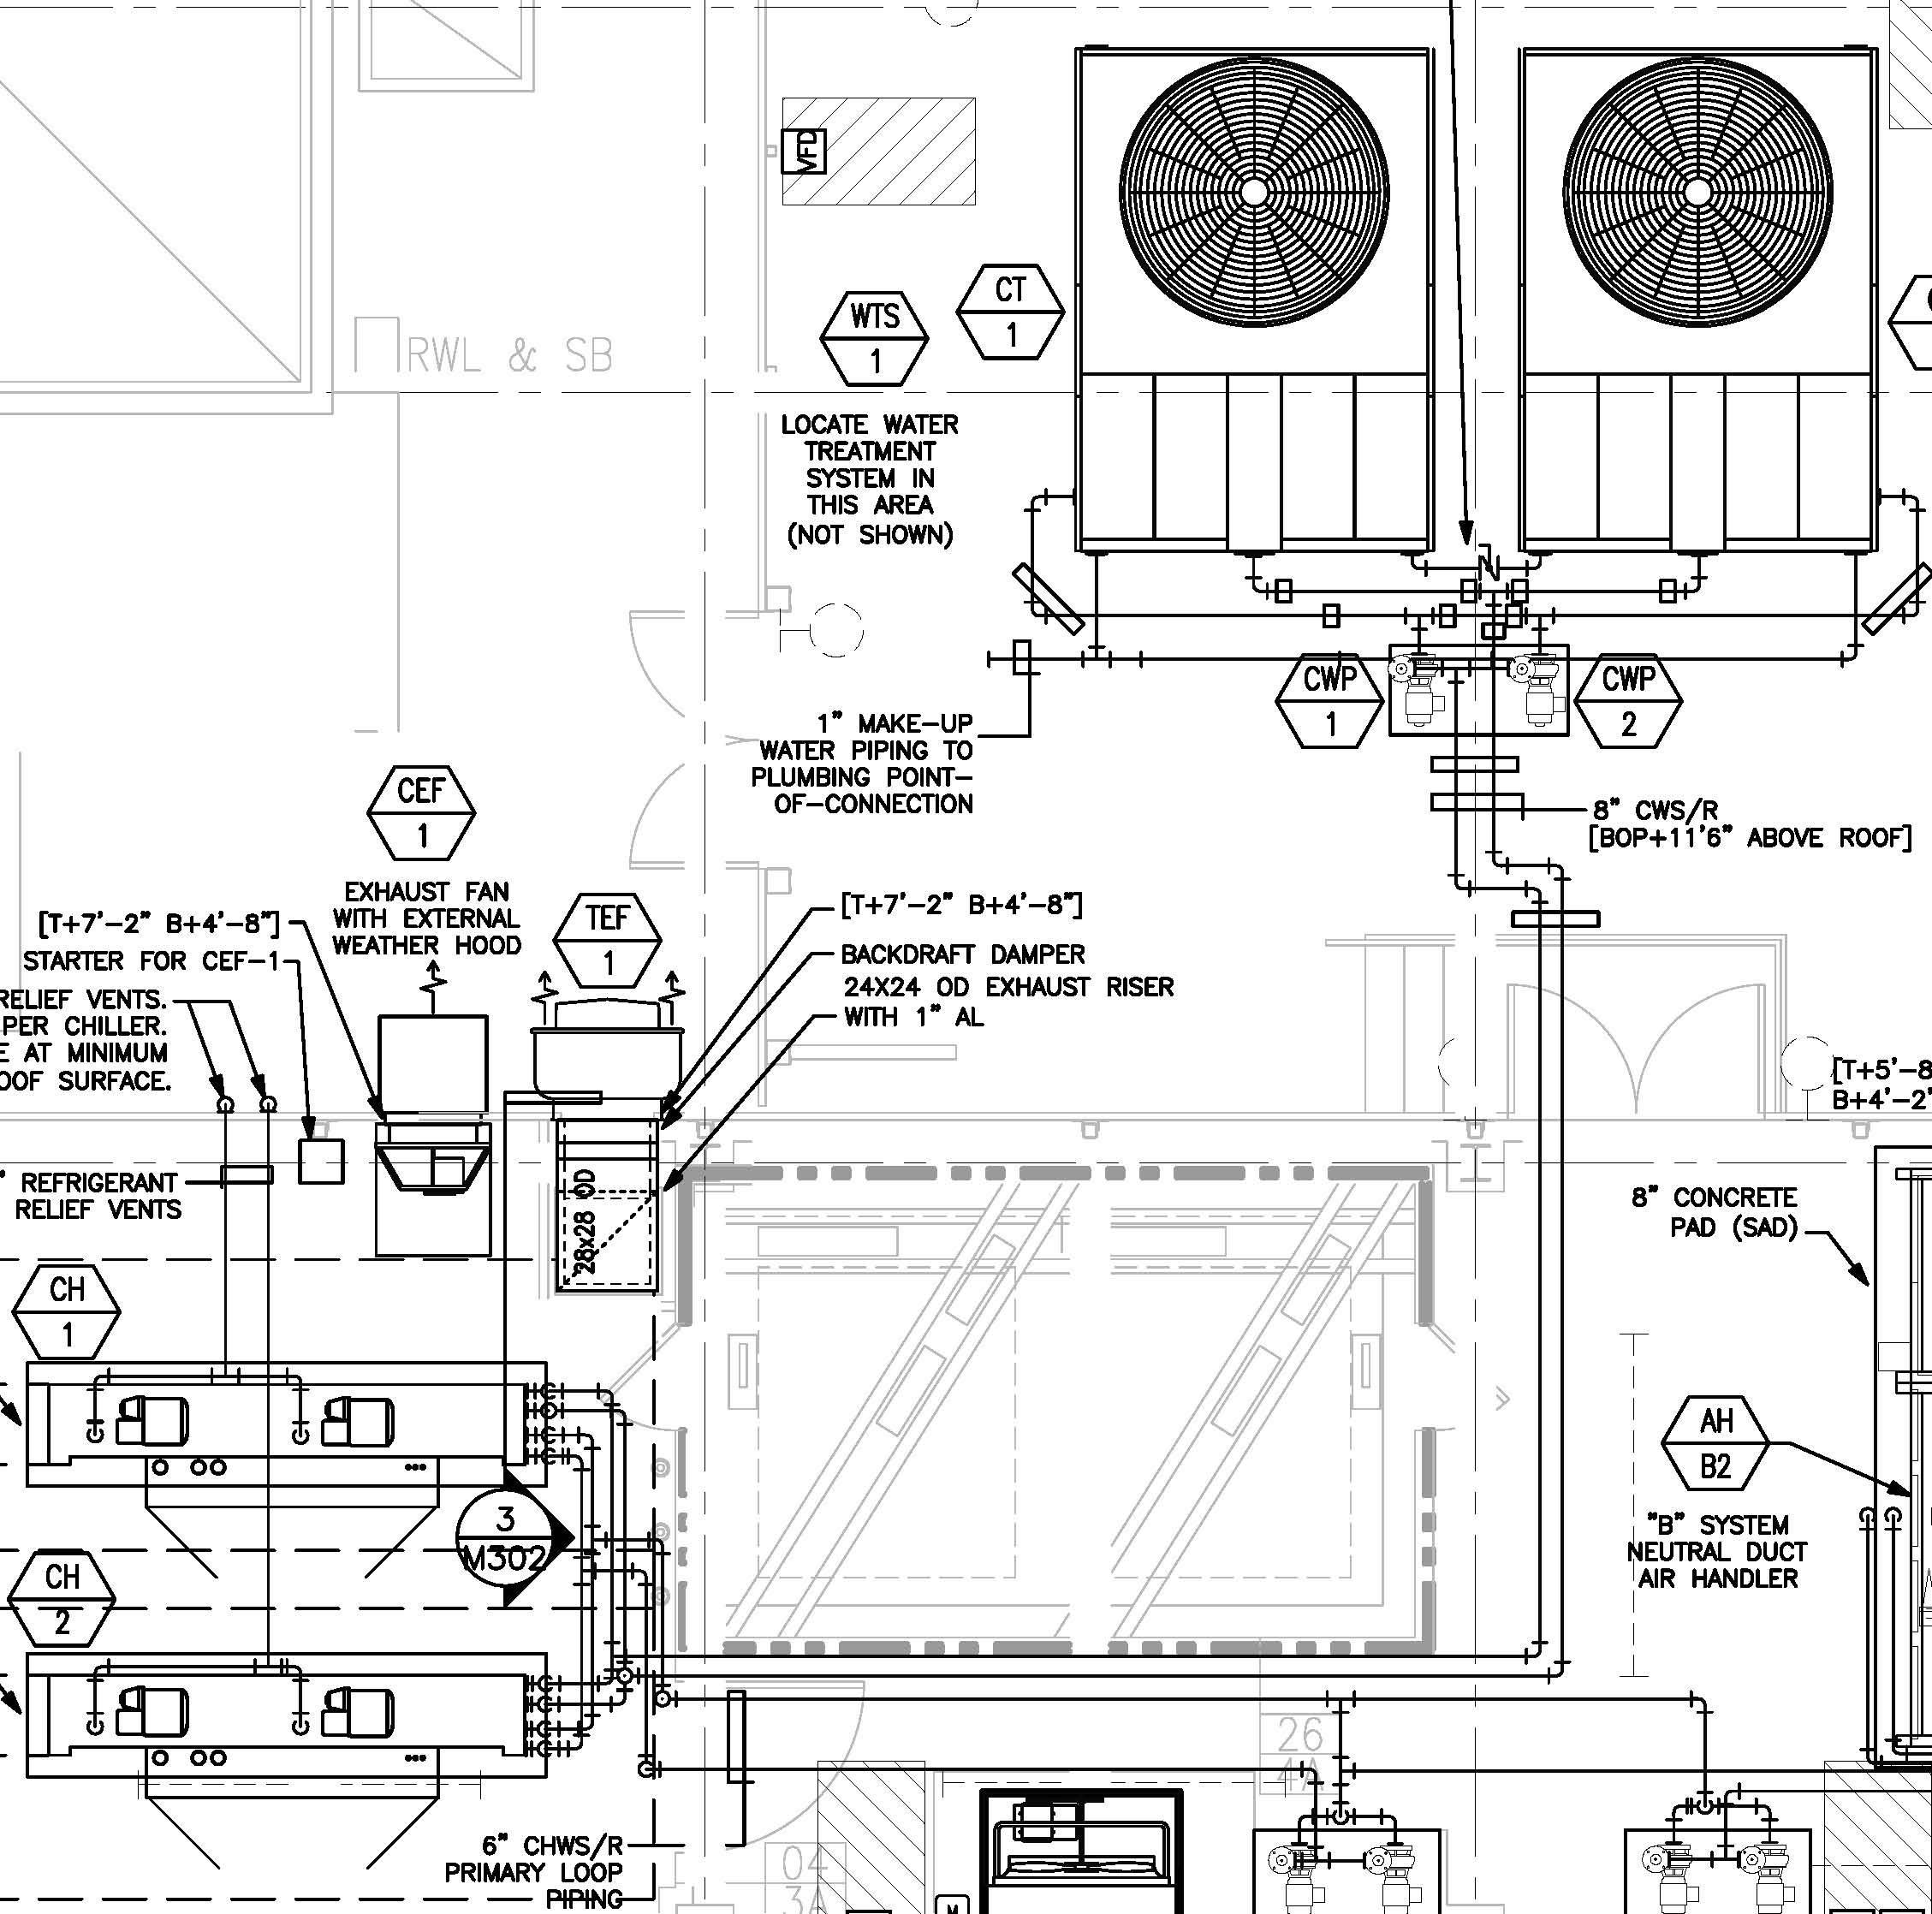 mcquay wiring diagram mcquay wcrh1042mfyr sn aubu083601291 ceiling Belimo Wiring Diagrams